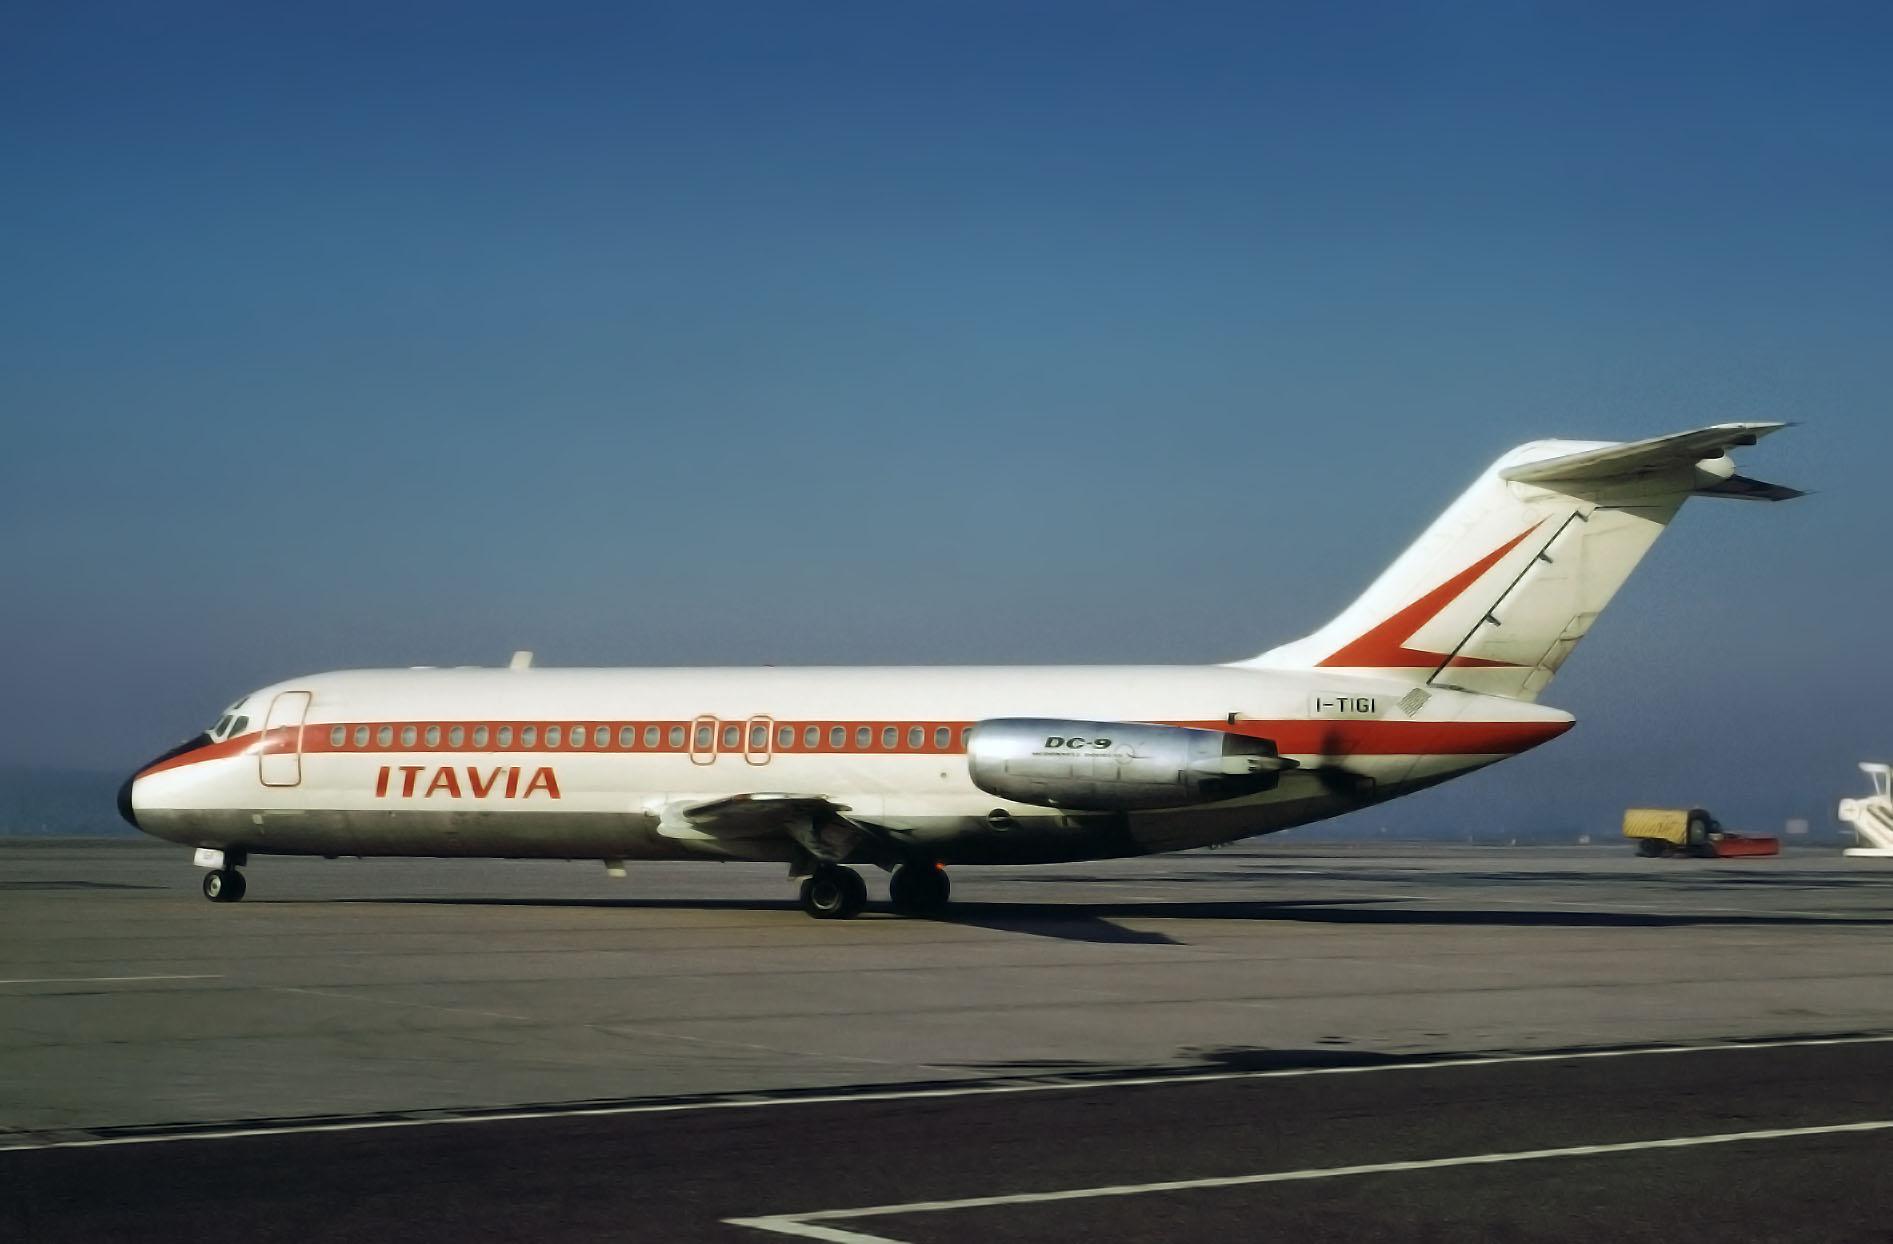 Il DC-9 Itavia I-TIGI caduto su Ustica, in una foto scattata otto anni prima durante un transito da Basilea